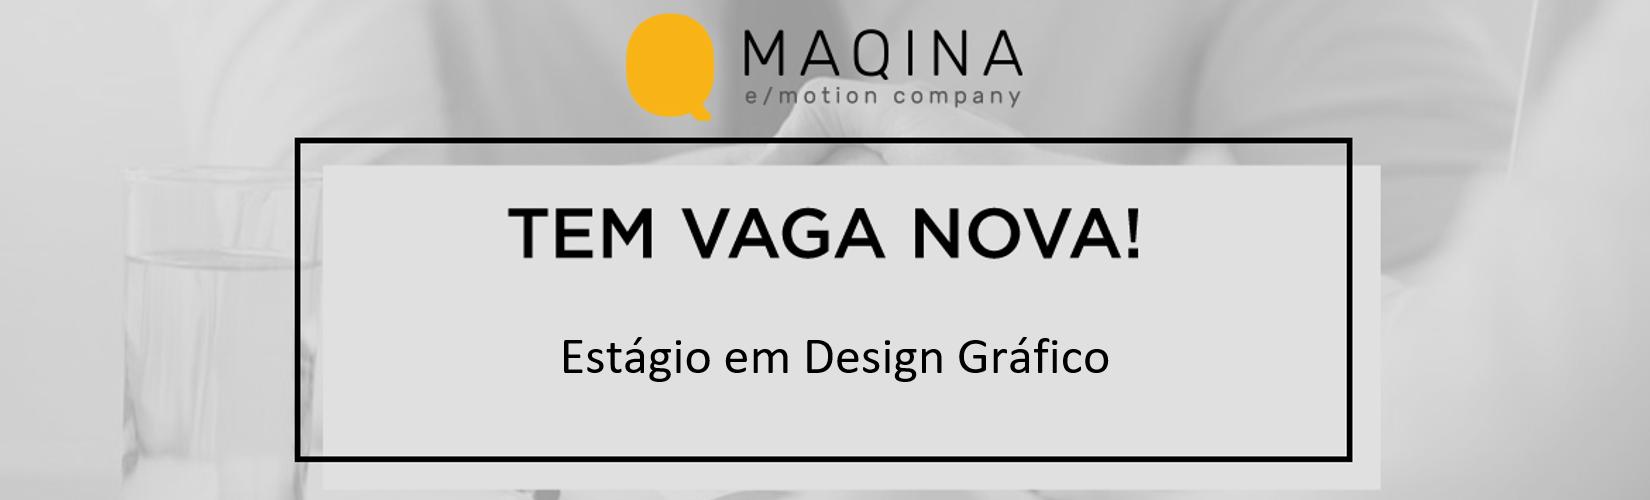 [MAQINA] Estágio em Design Gráfico